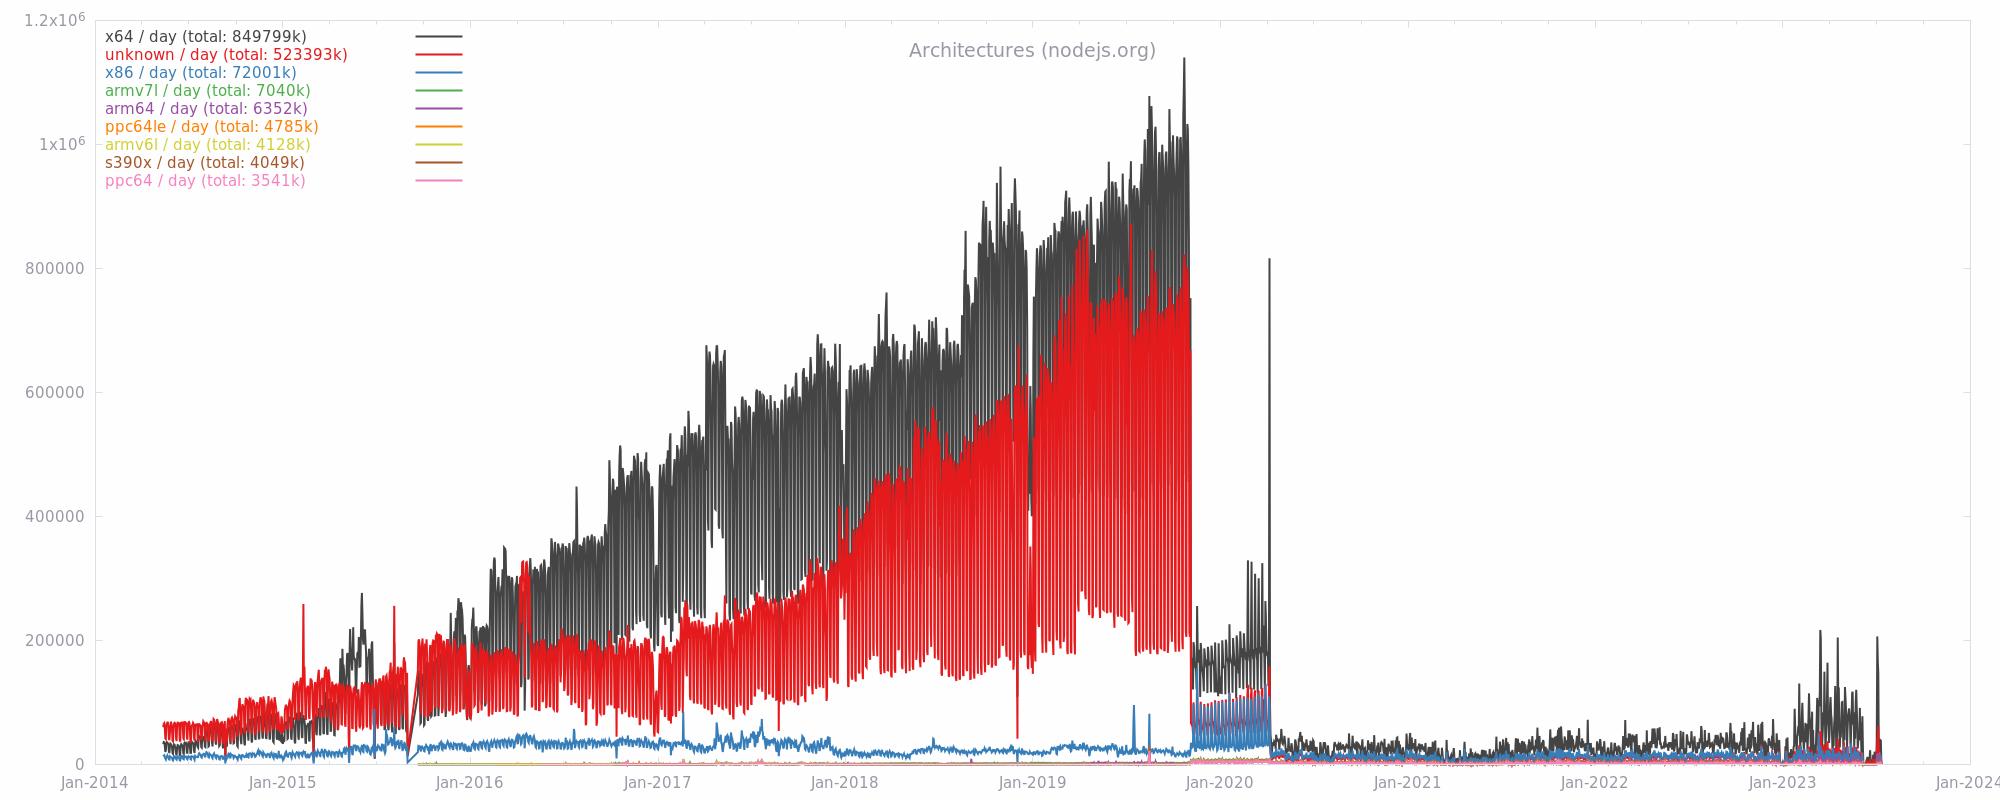 nodejs org Download Metrics